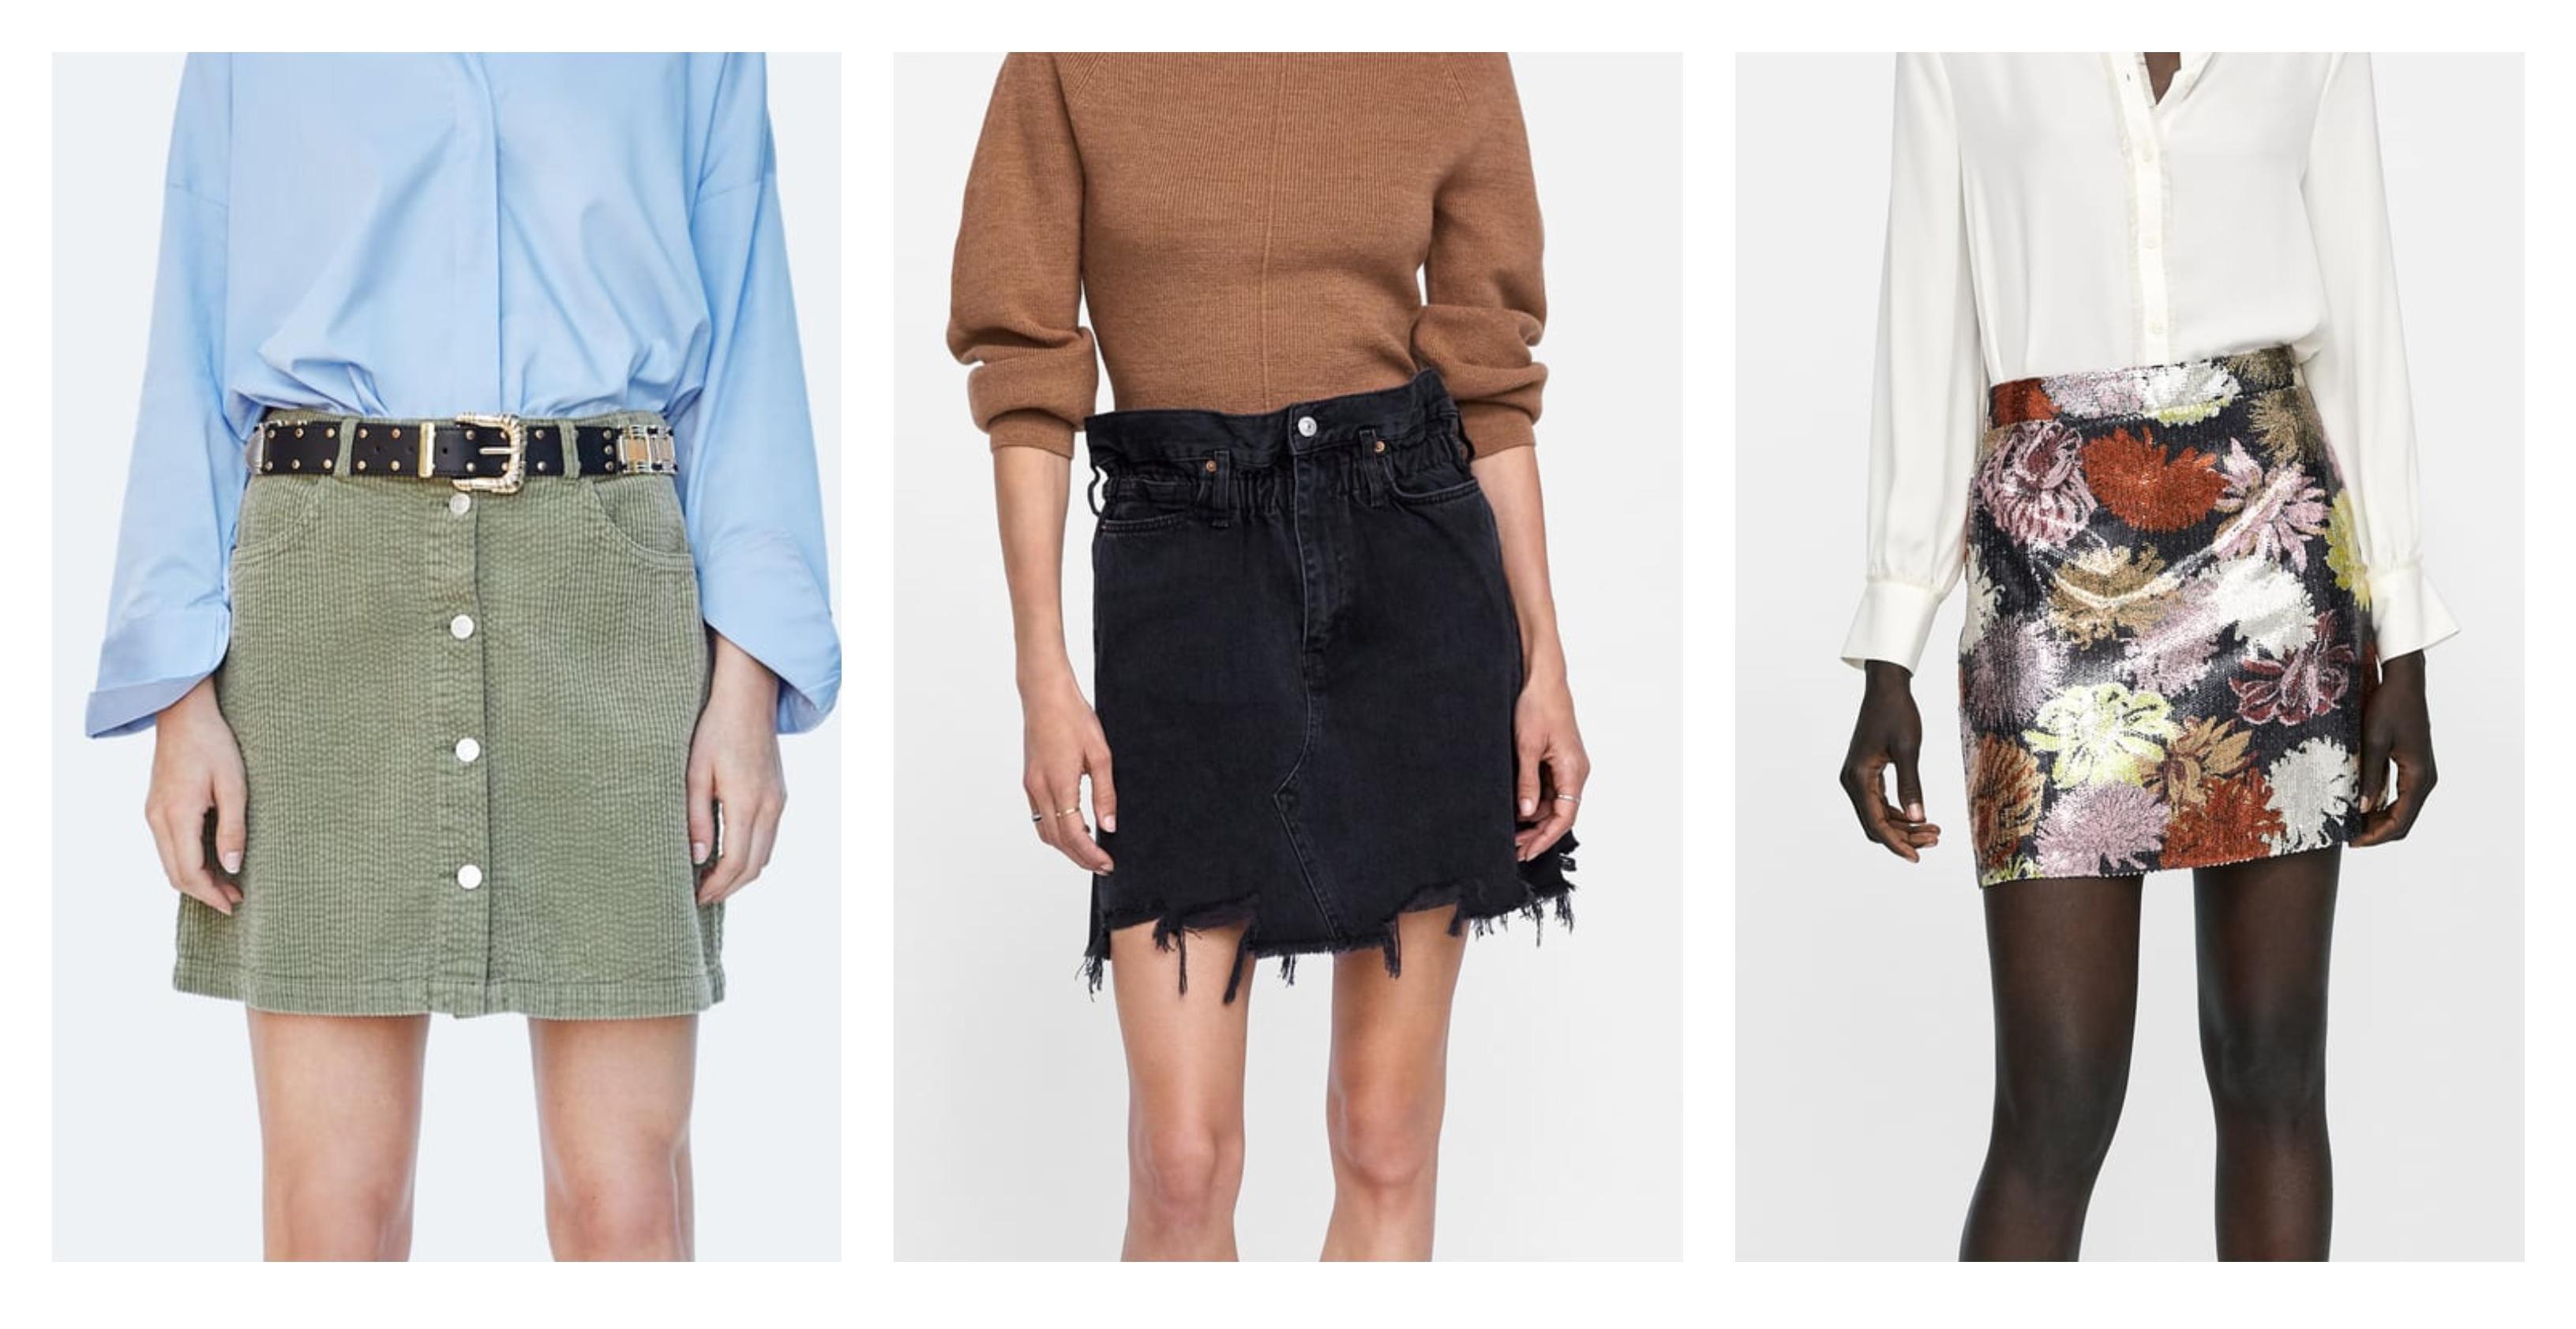 Mini suknje nose se i ove sezone: Izdvojili smo 10 najljepših modela iz Zare